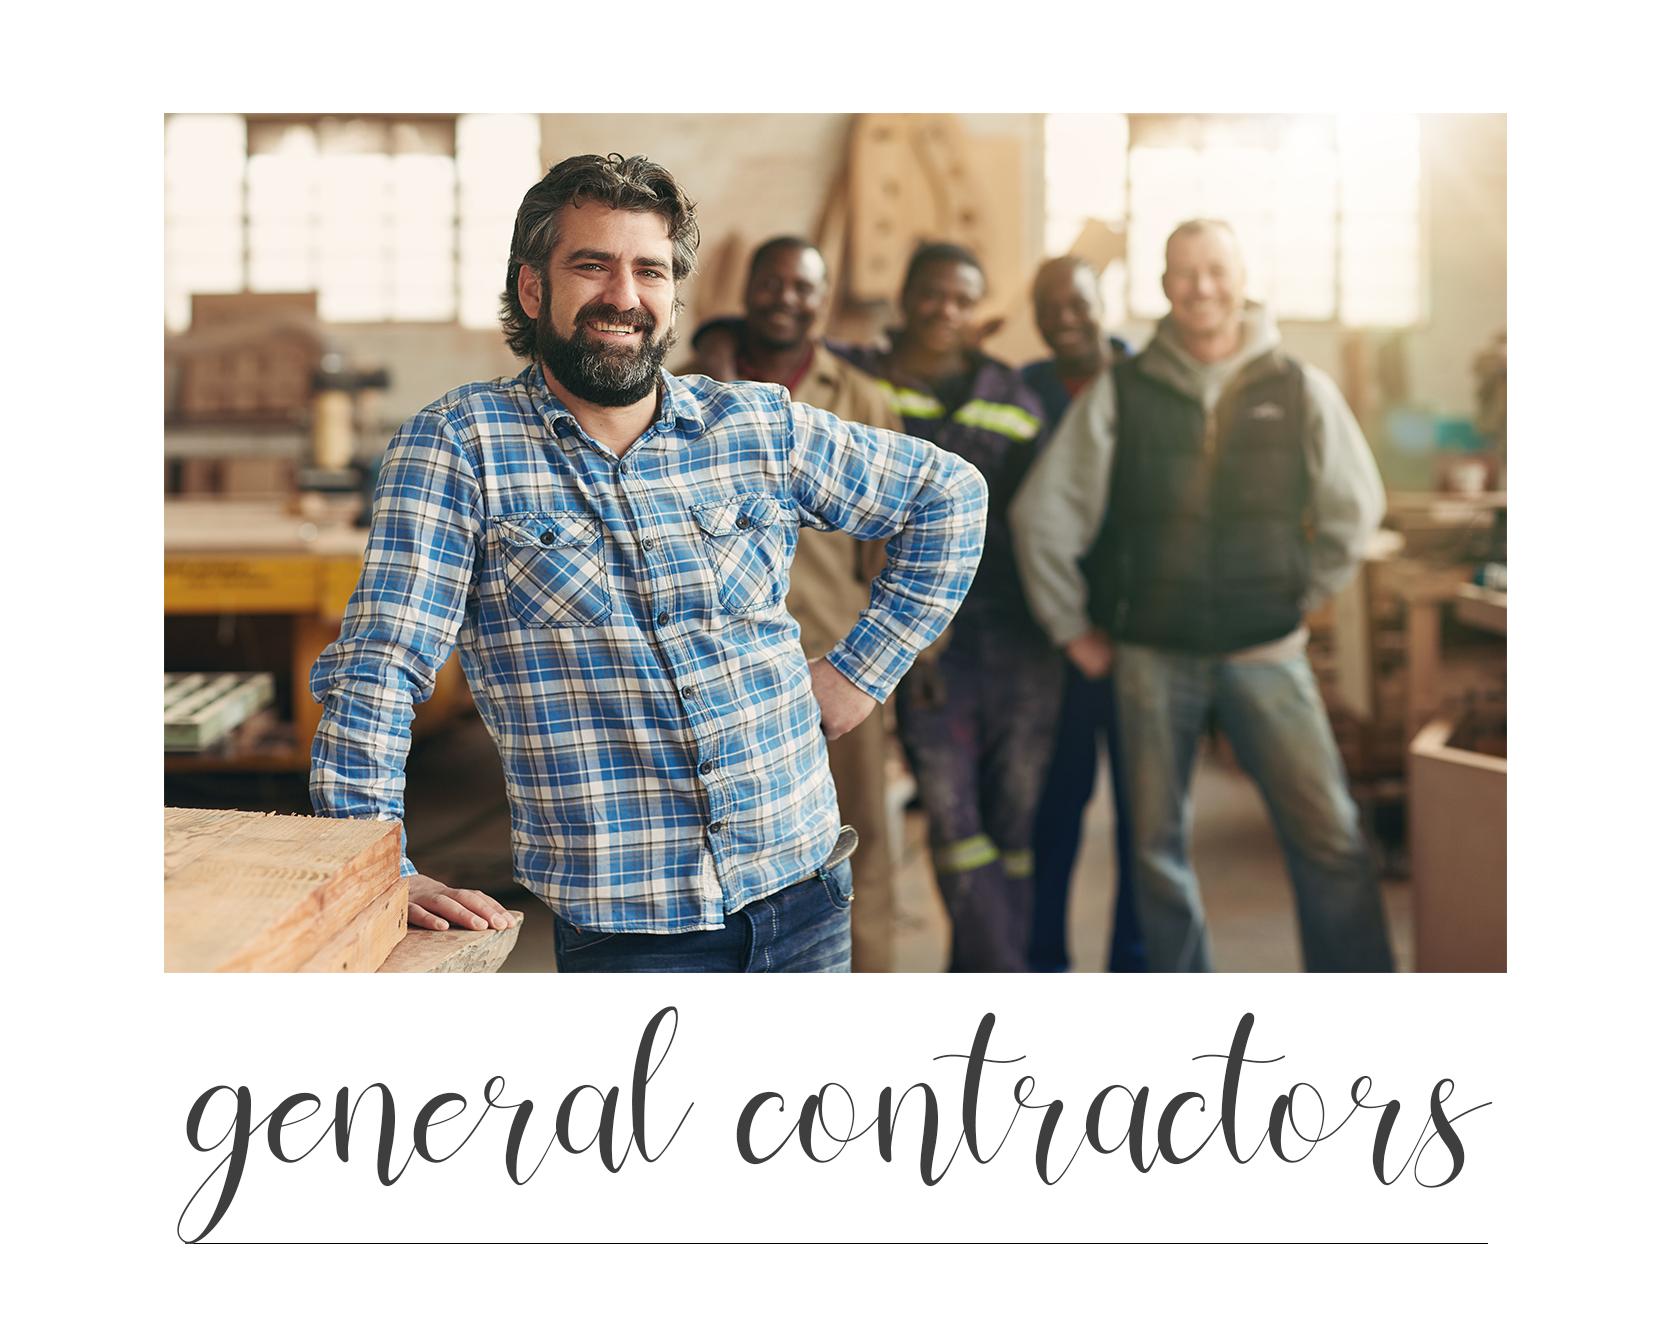 generalcontractors.png